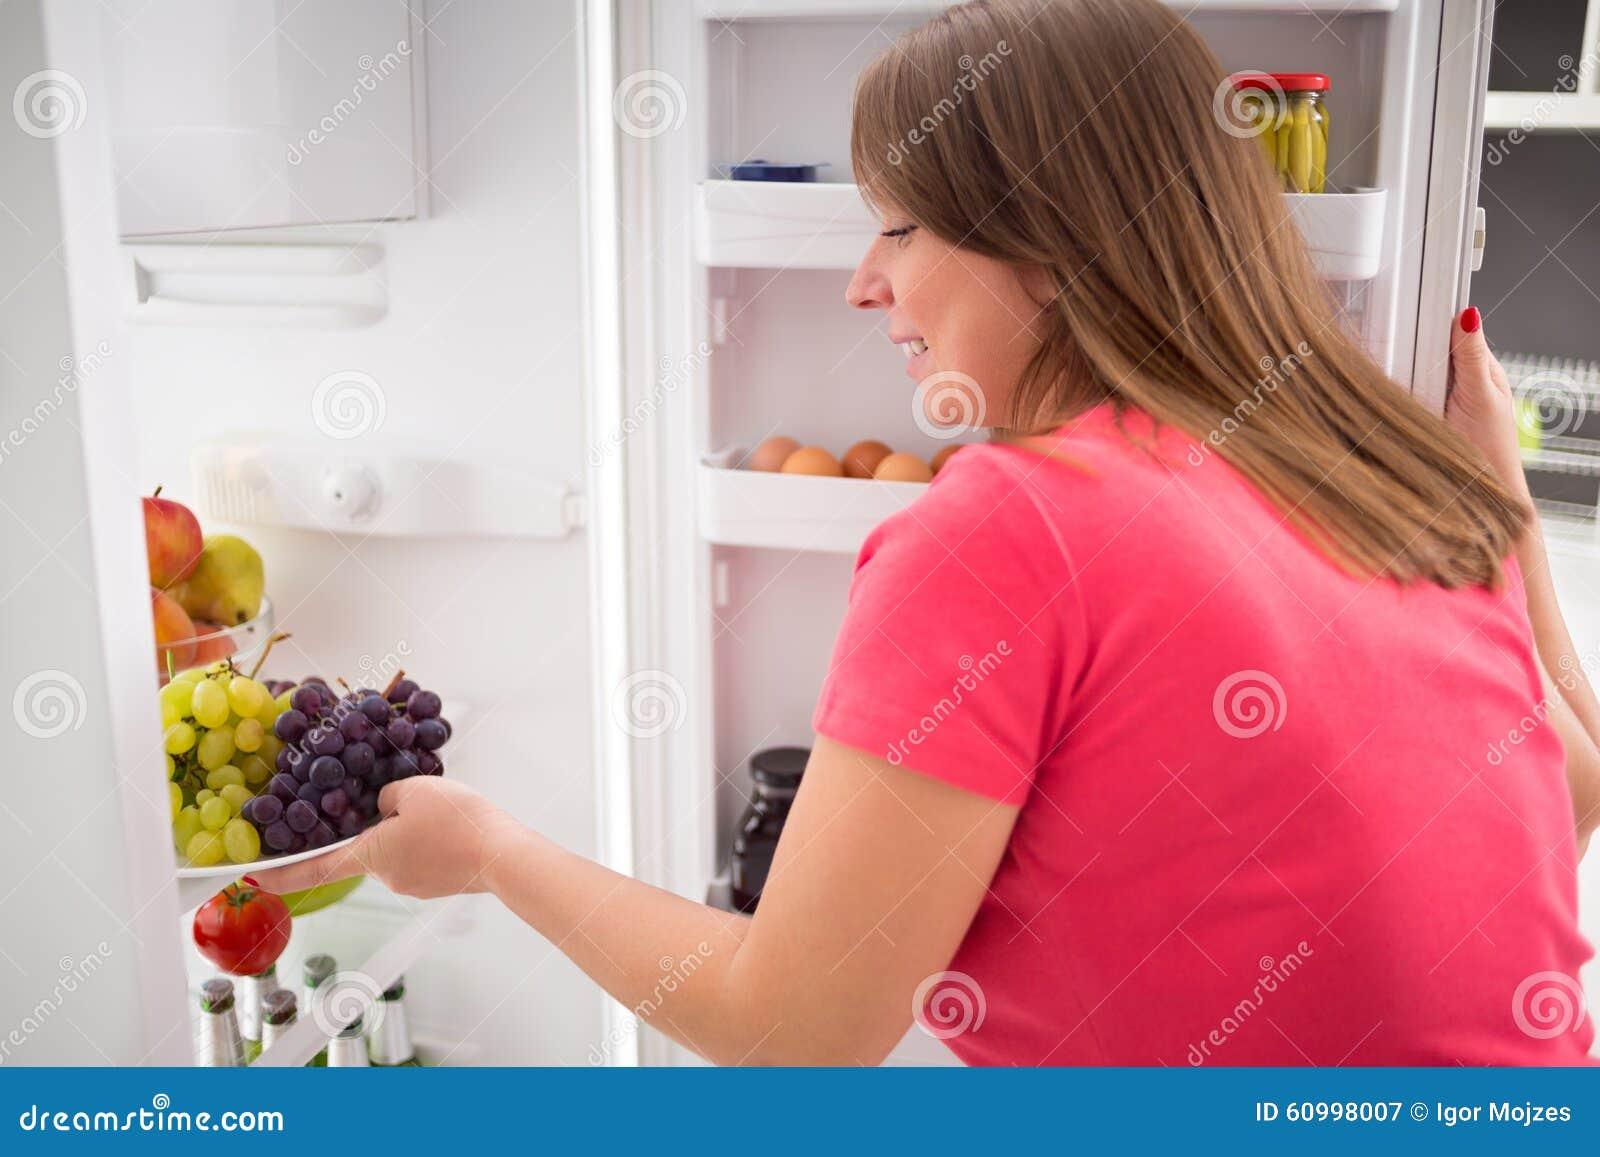 Kühlschrank Platte : Hausfraunehmenplatte voll von trauben vom kühlschrank stockbild